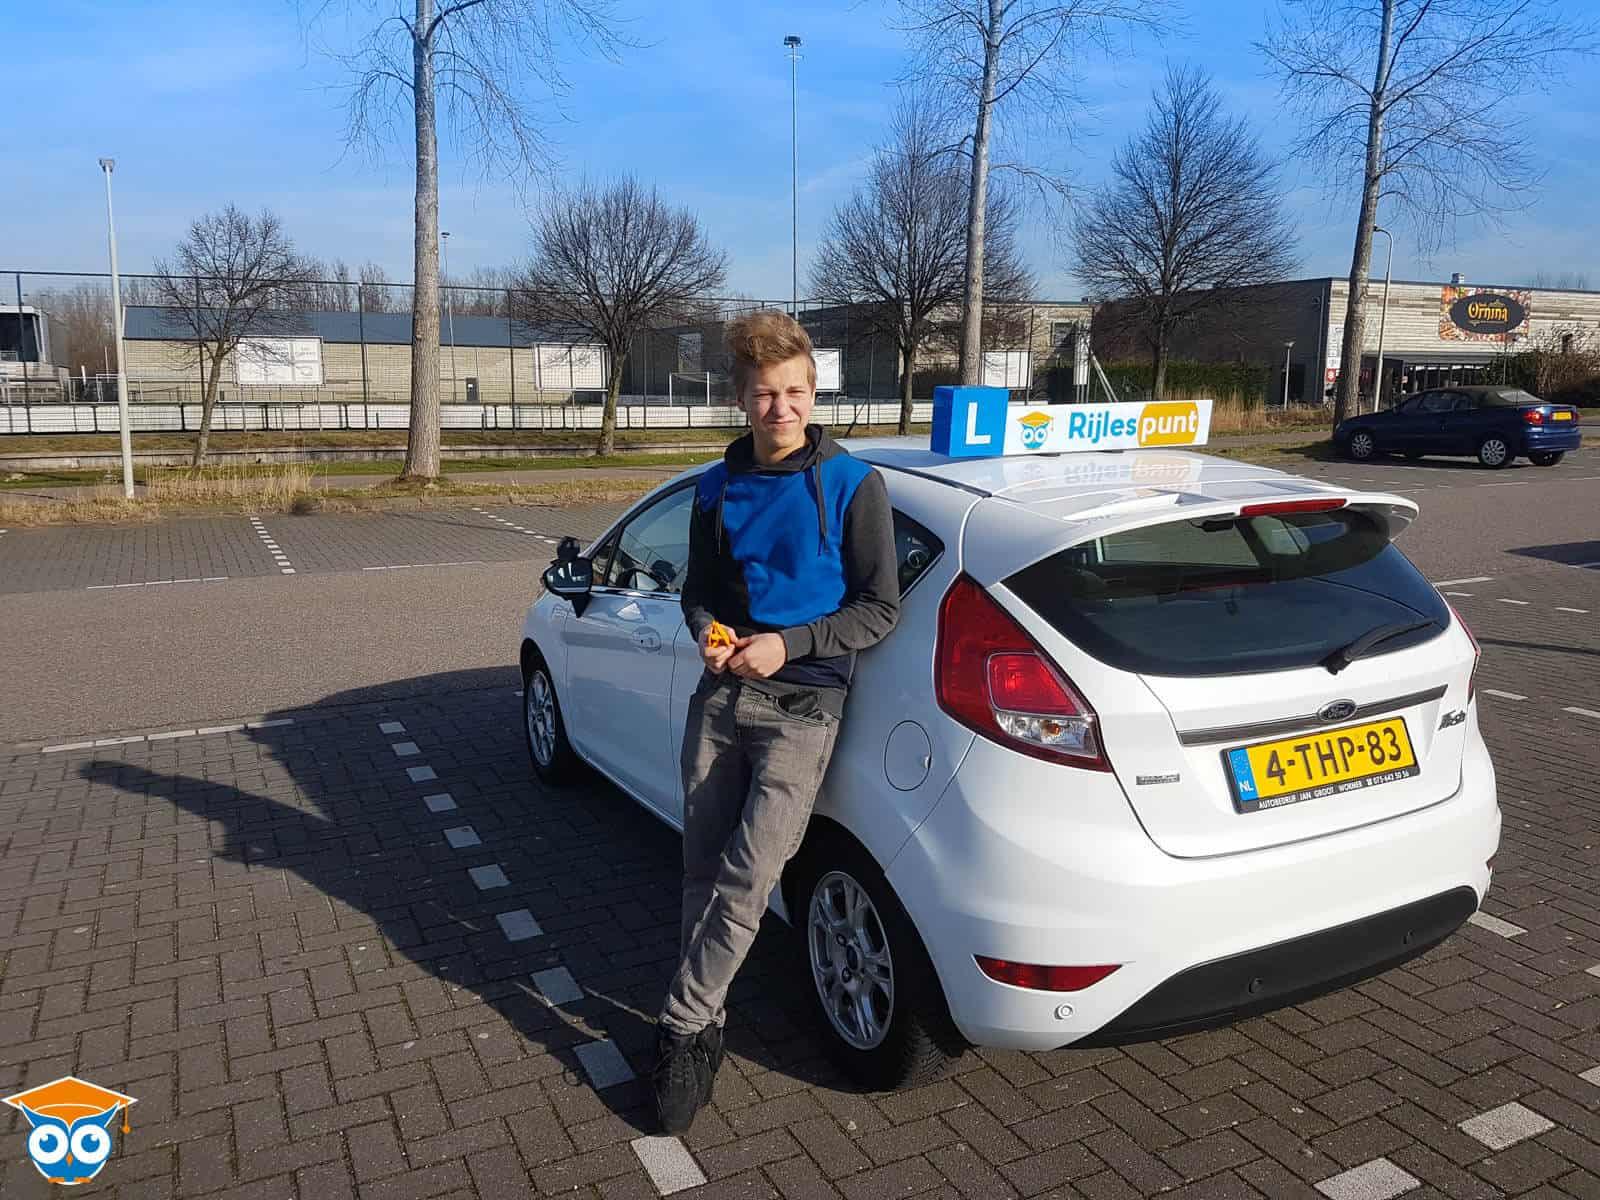 Geslaagd bij Rijlespunt: Asger Moeselaar uit Zaandam